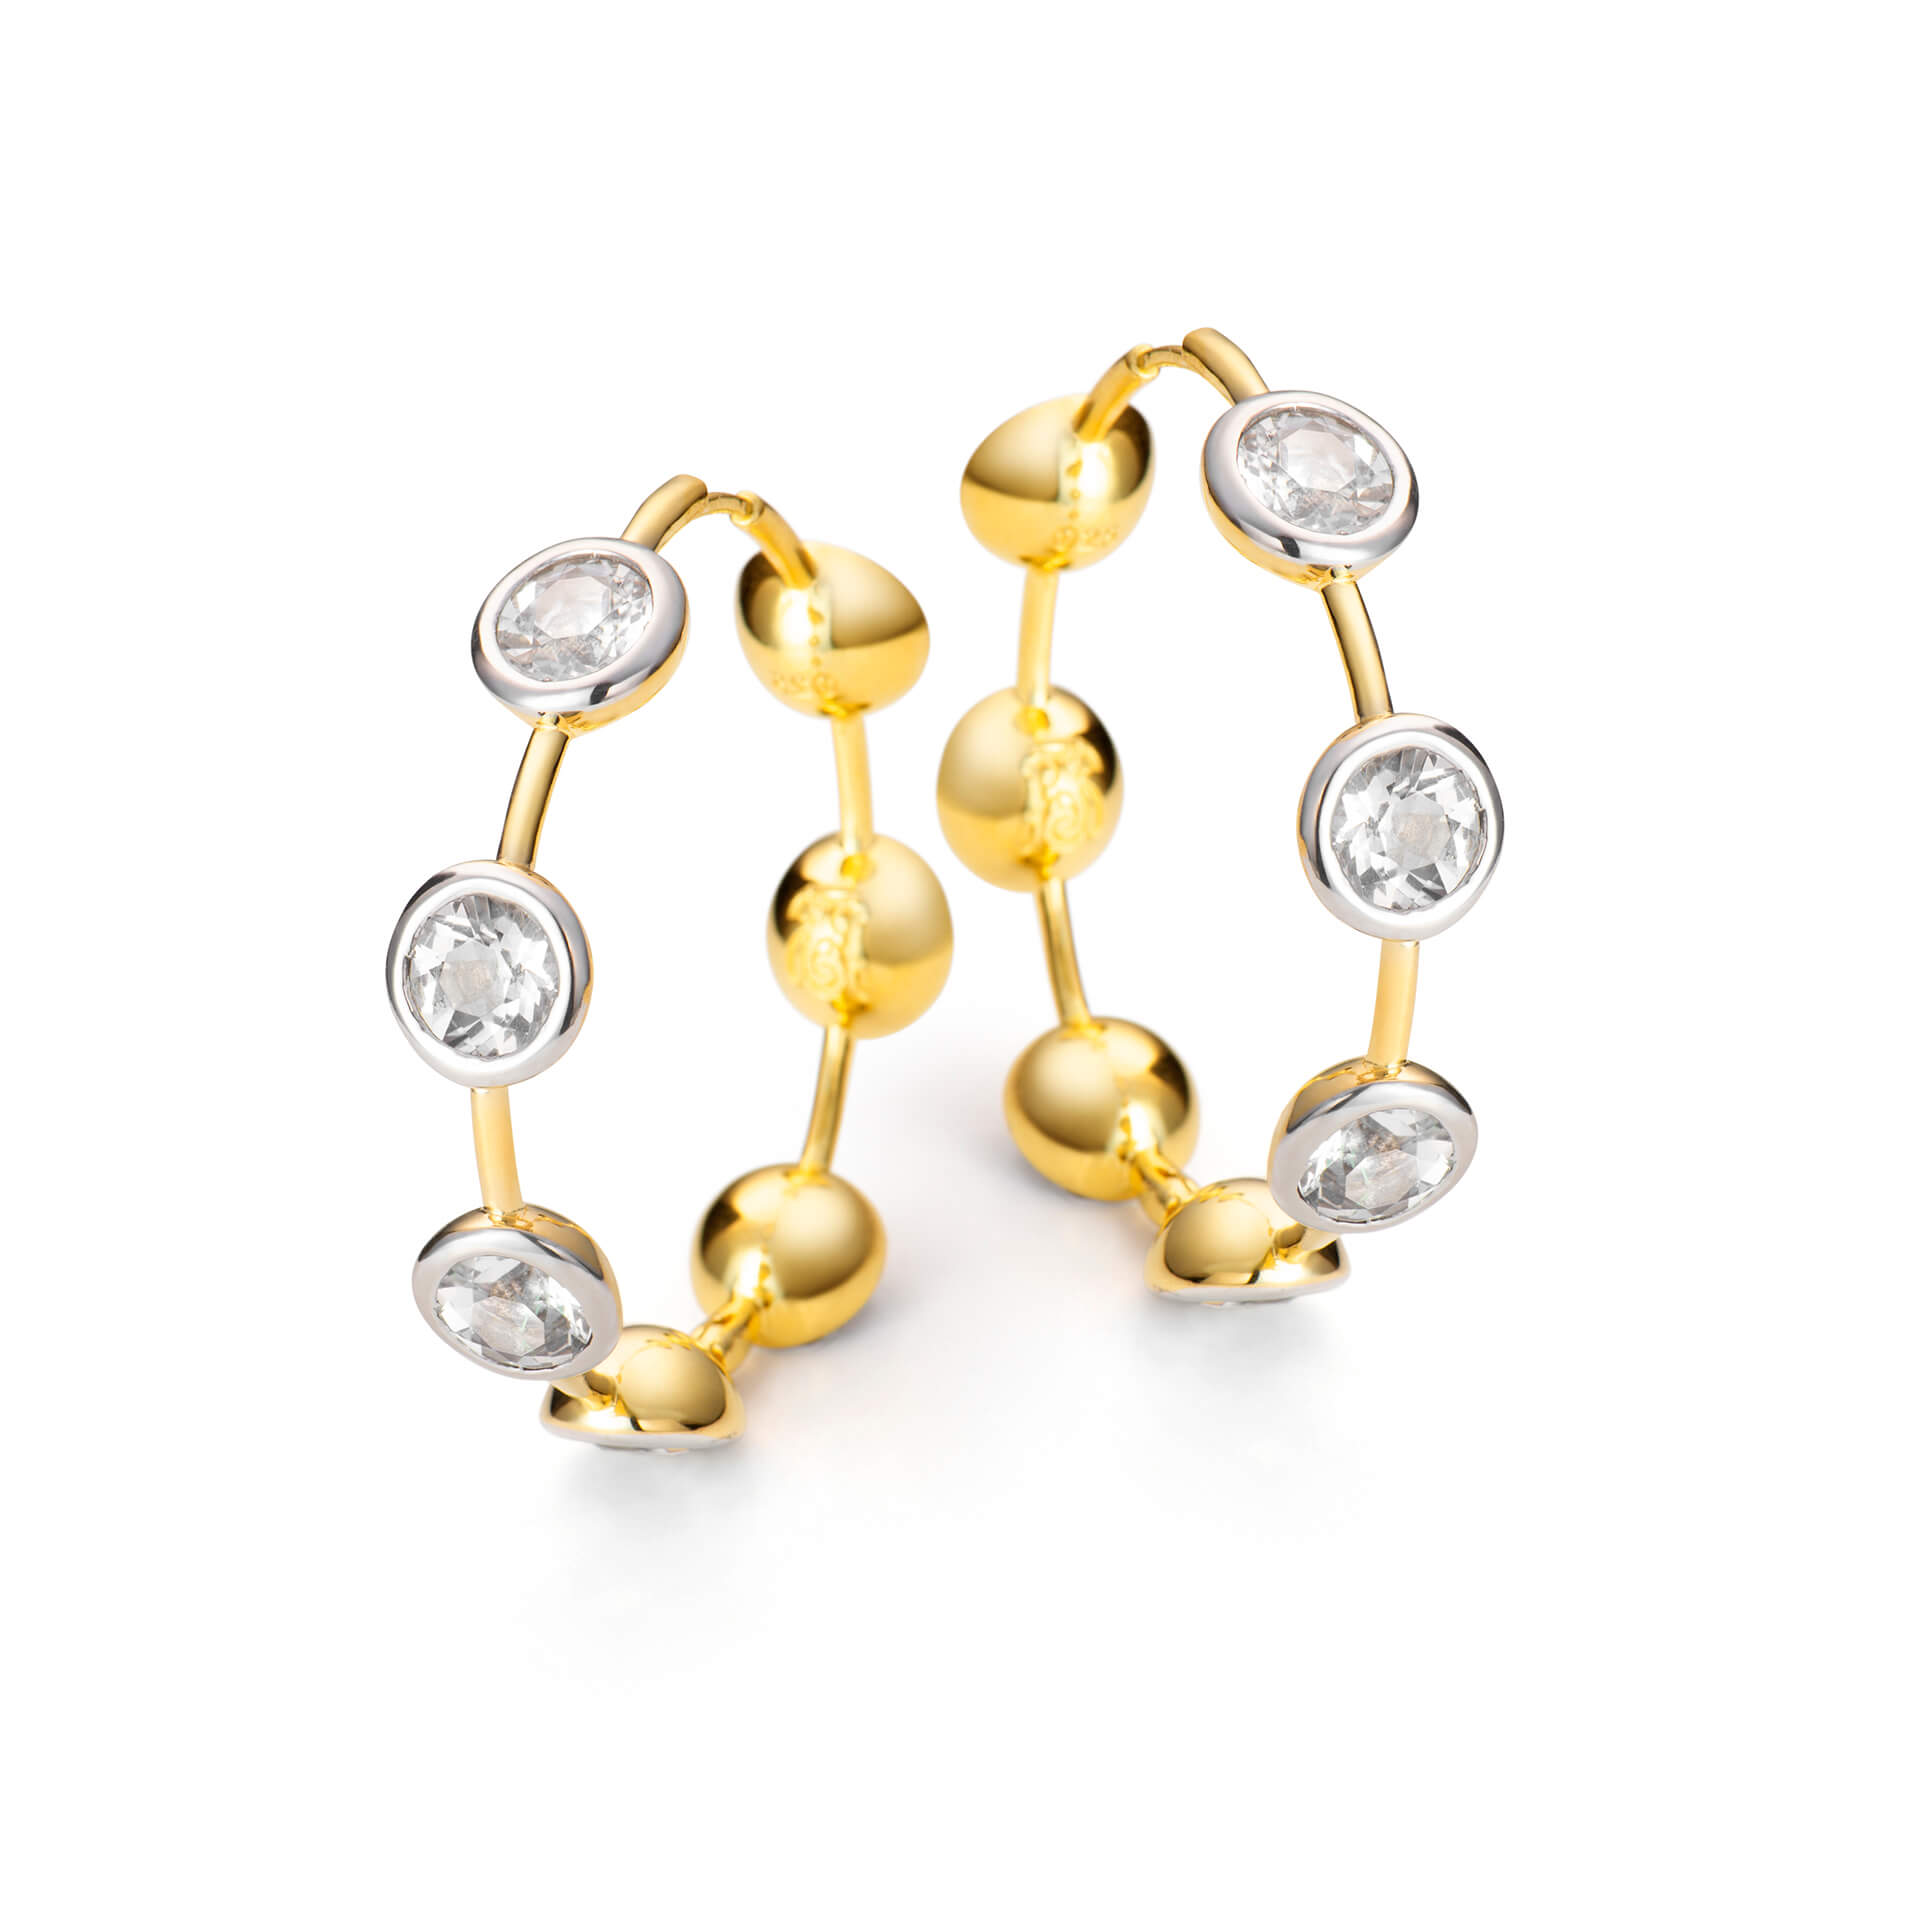 Brinco Maxi Argola de Prata com Banho de Ouro Branco e Amarelo 18K e Quartzo - Coleção Maxi Love